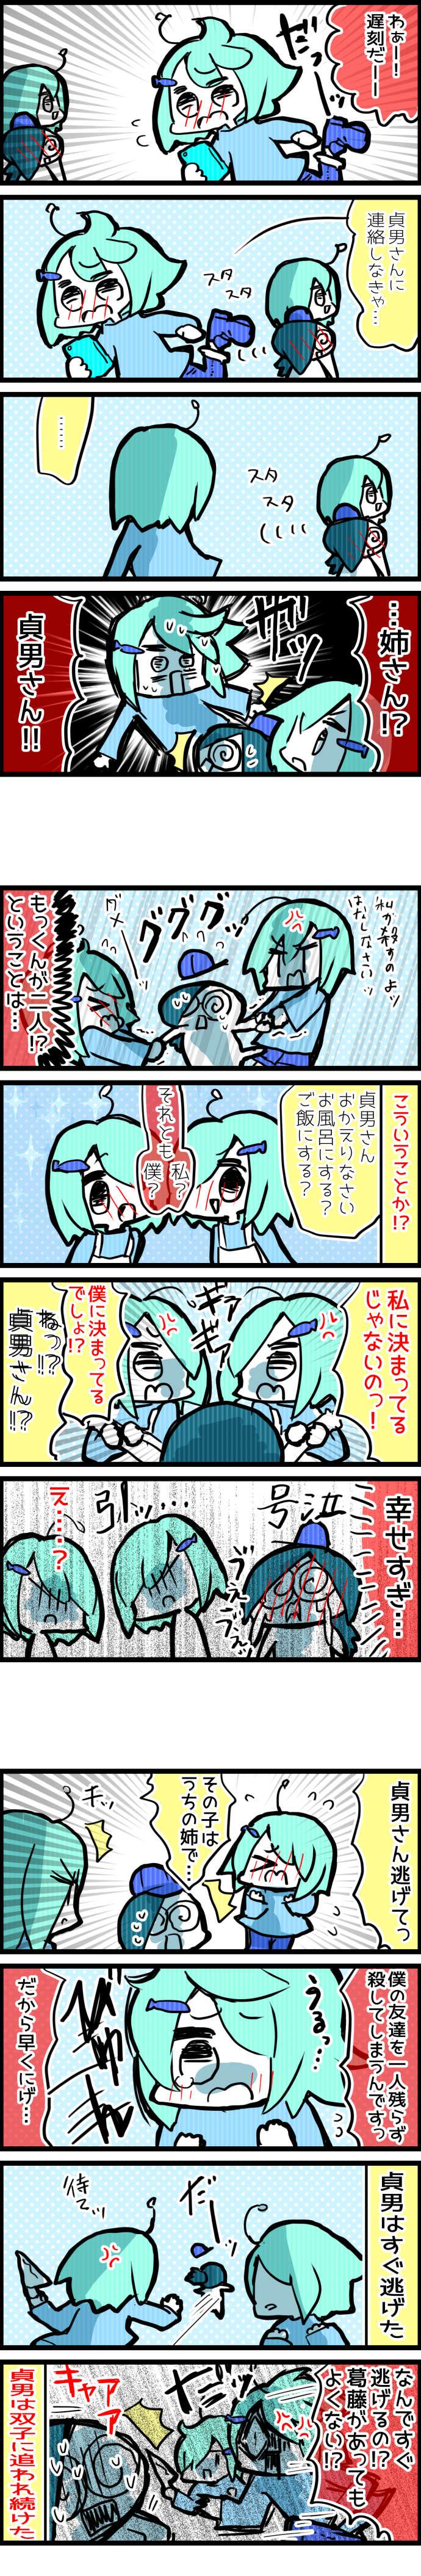 neetsadami.com_29話